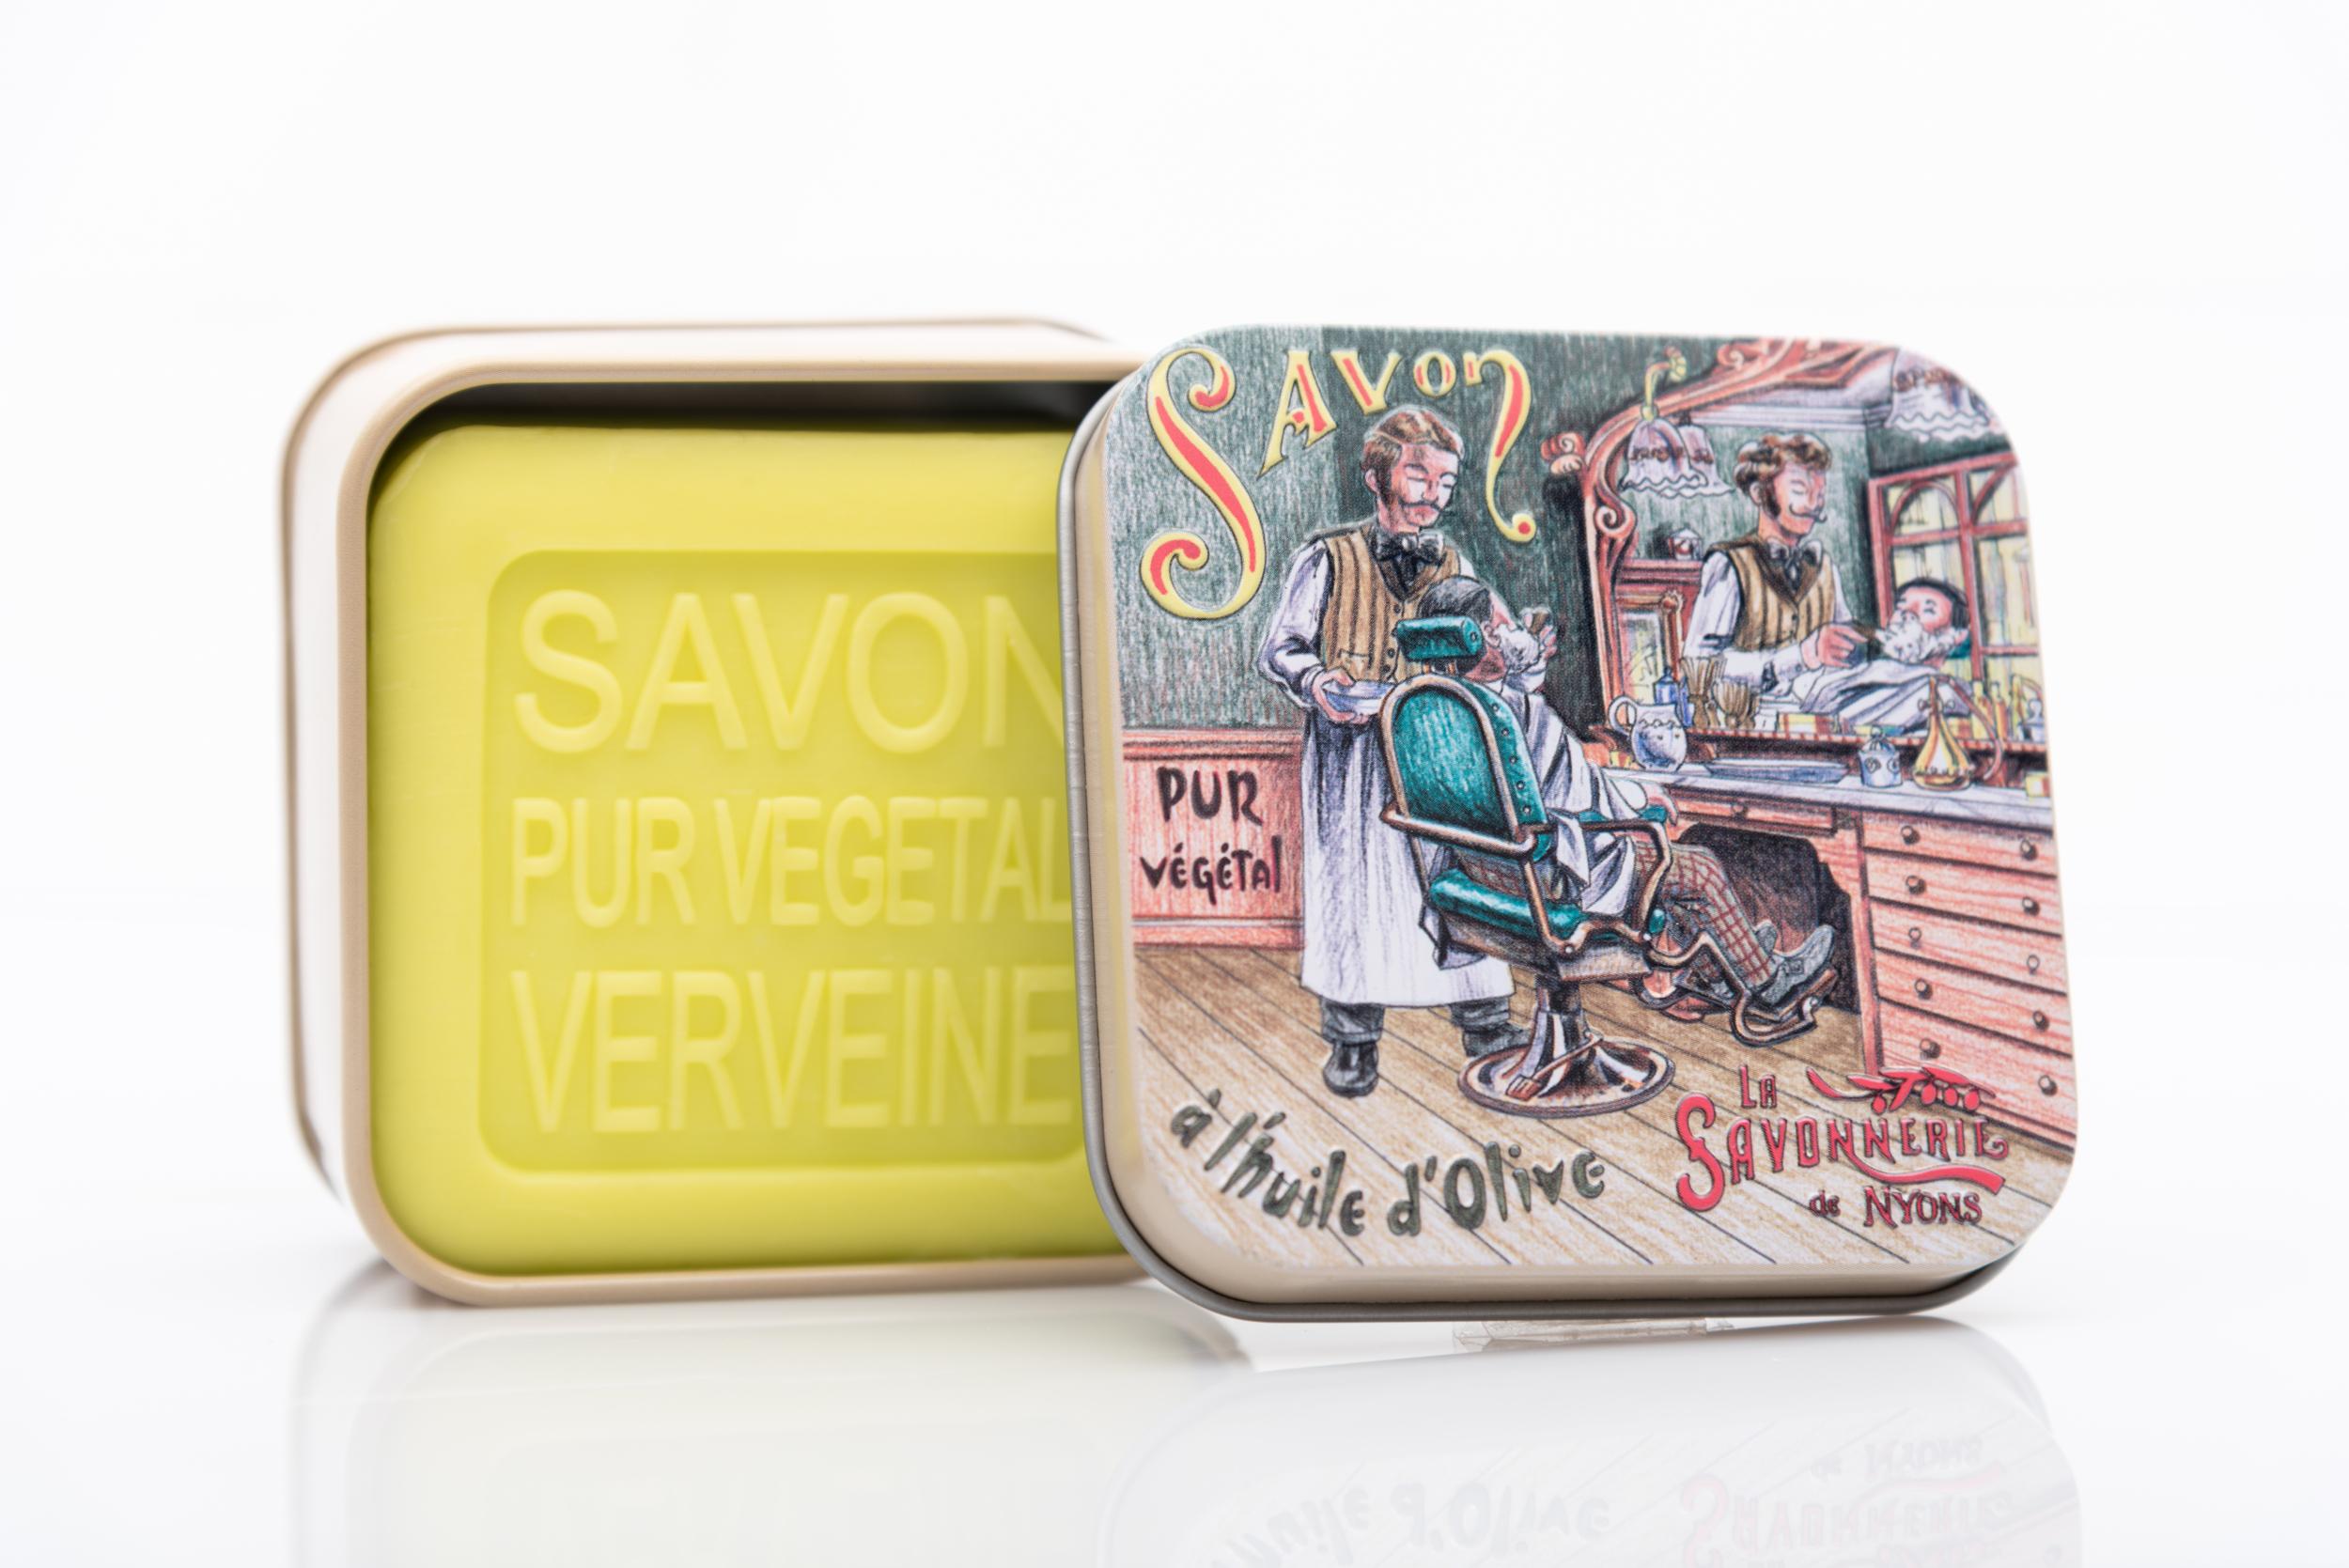 SAVON DE NYONS VEGETAL MADE IN FRANCE AVEC BOITE METALIQUE MODELE 37 A LA VERVEINE